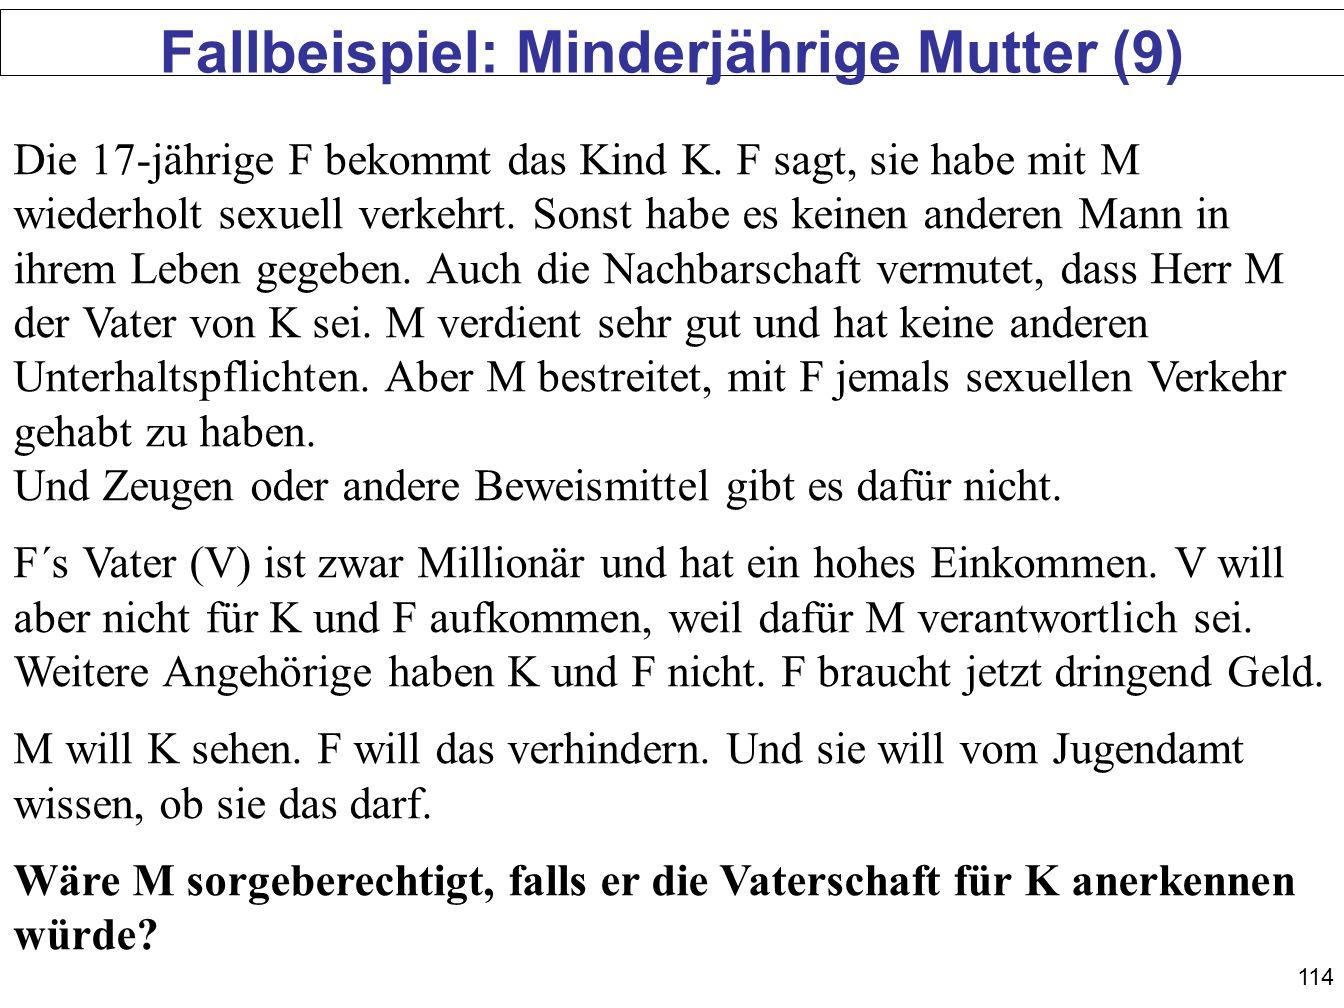 114 Fallbeispiel: Minderjährige Mutter (9) Die 17-jährige F bekommt das Kind K. F sagt, sie habe mit M wiederholt sexuell verkehrt. Sonst habe es kein